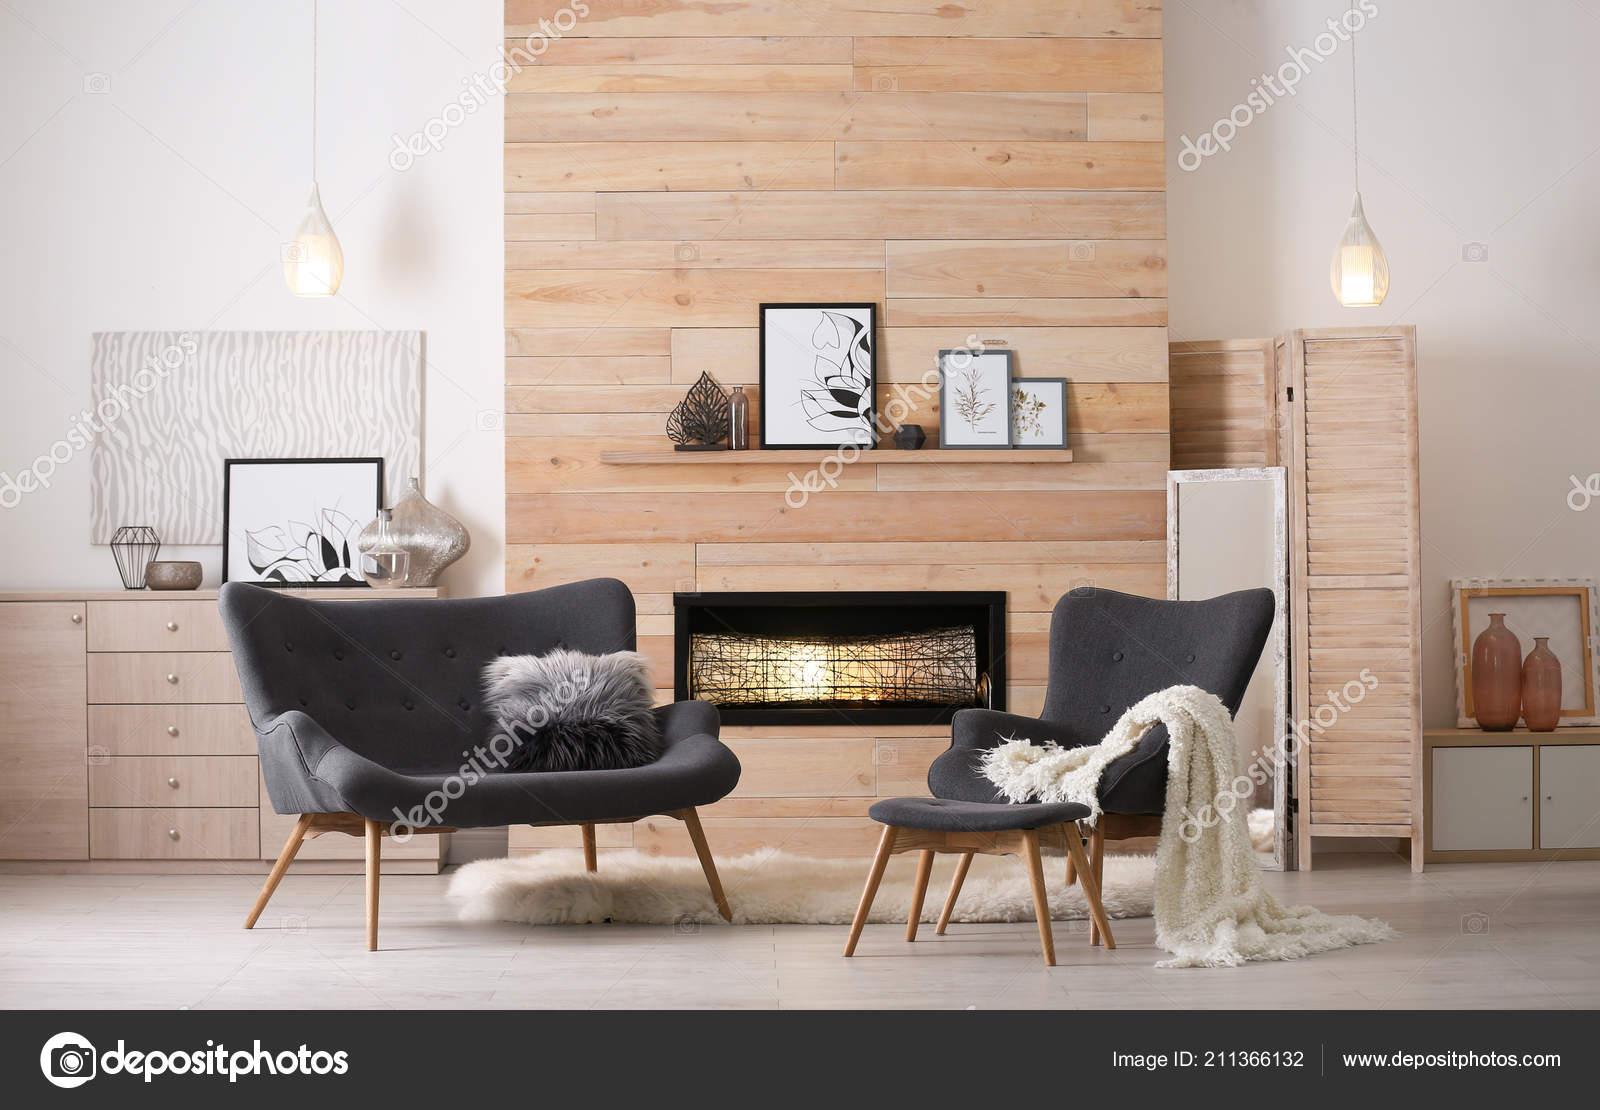 Gemütliches Wohnzimmer Interieur Mit Bequemen Möbeln Und ...